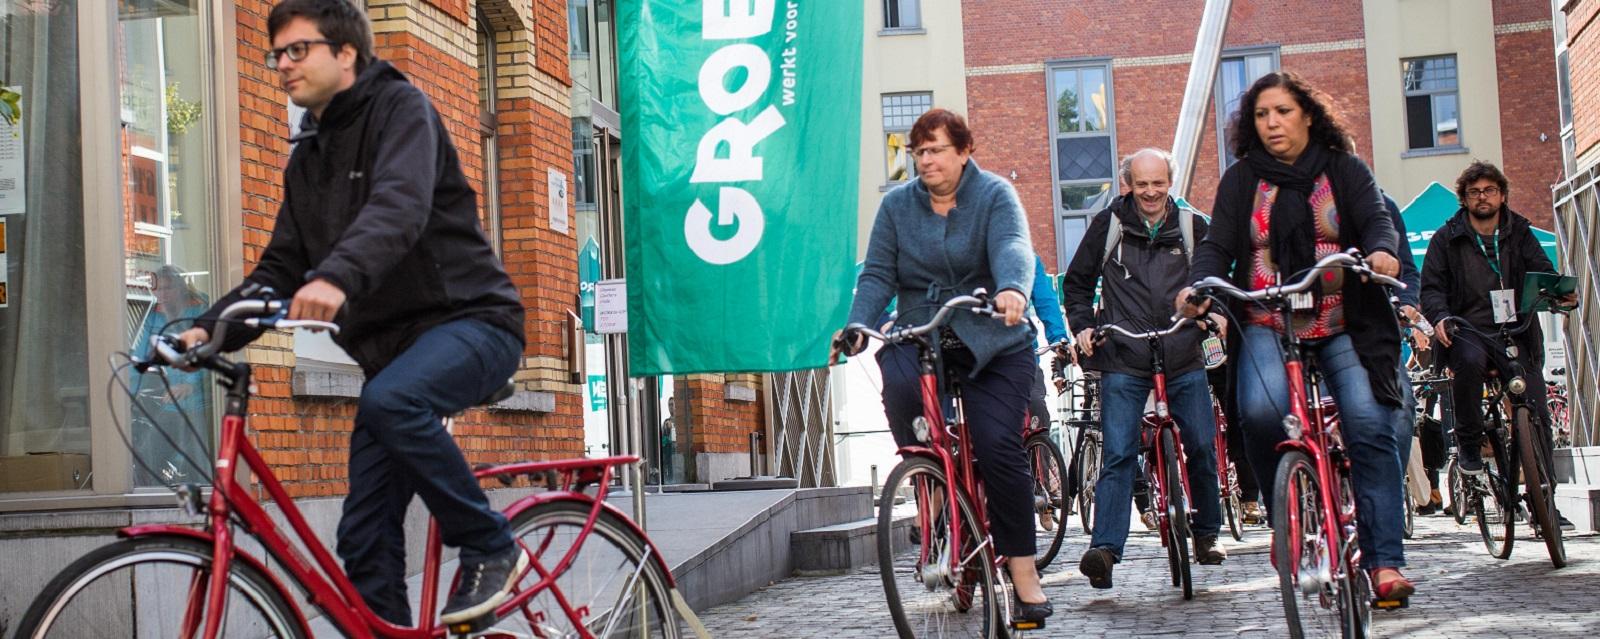 <h2> Een gemeente met veilige wegen voor iedereen</h2><div>SamenGROEN kiest voor een duurzame en veilige mobiliteit voor Glabbeek. De levenskwaliteit van de omwonenden komt hierbij steeds op de eerste plaats.</div>